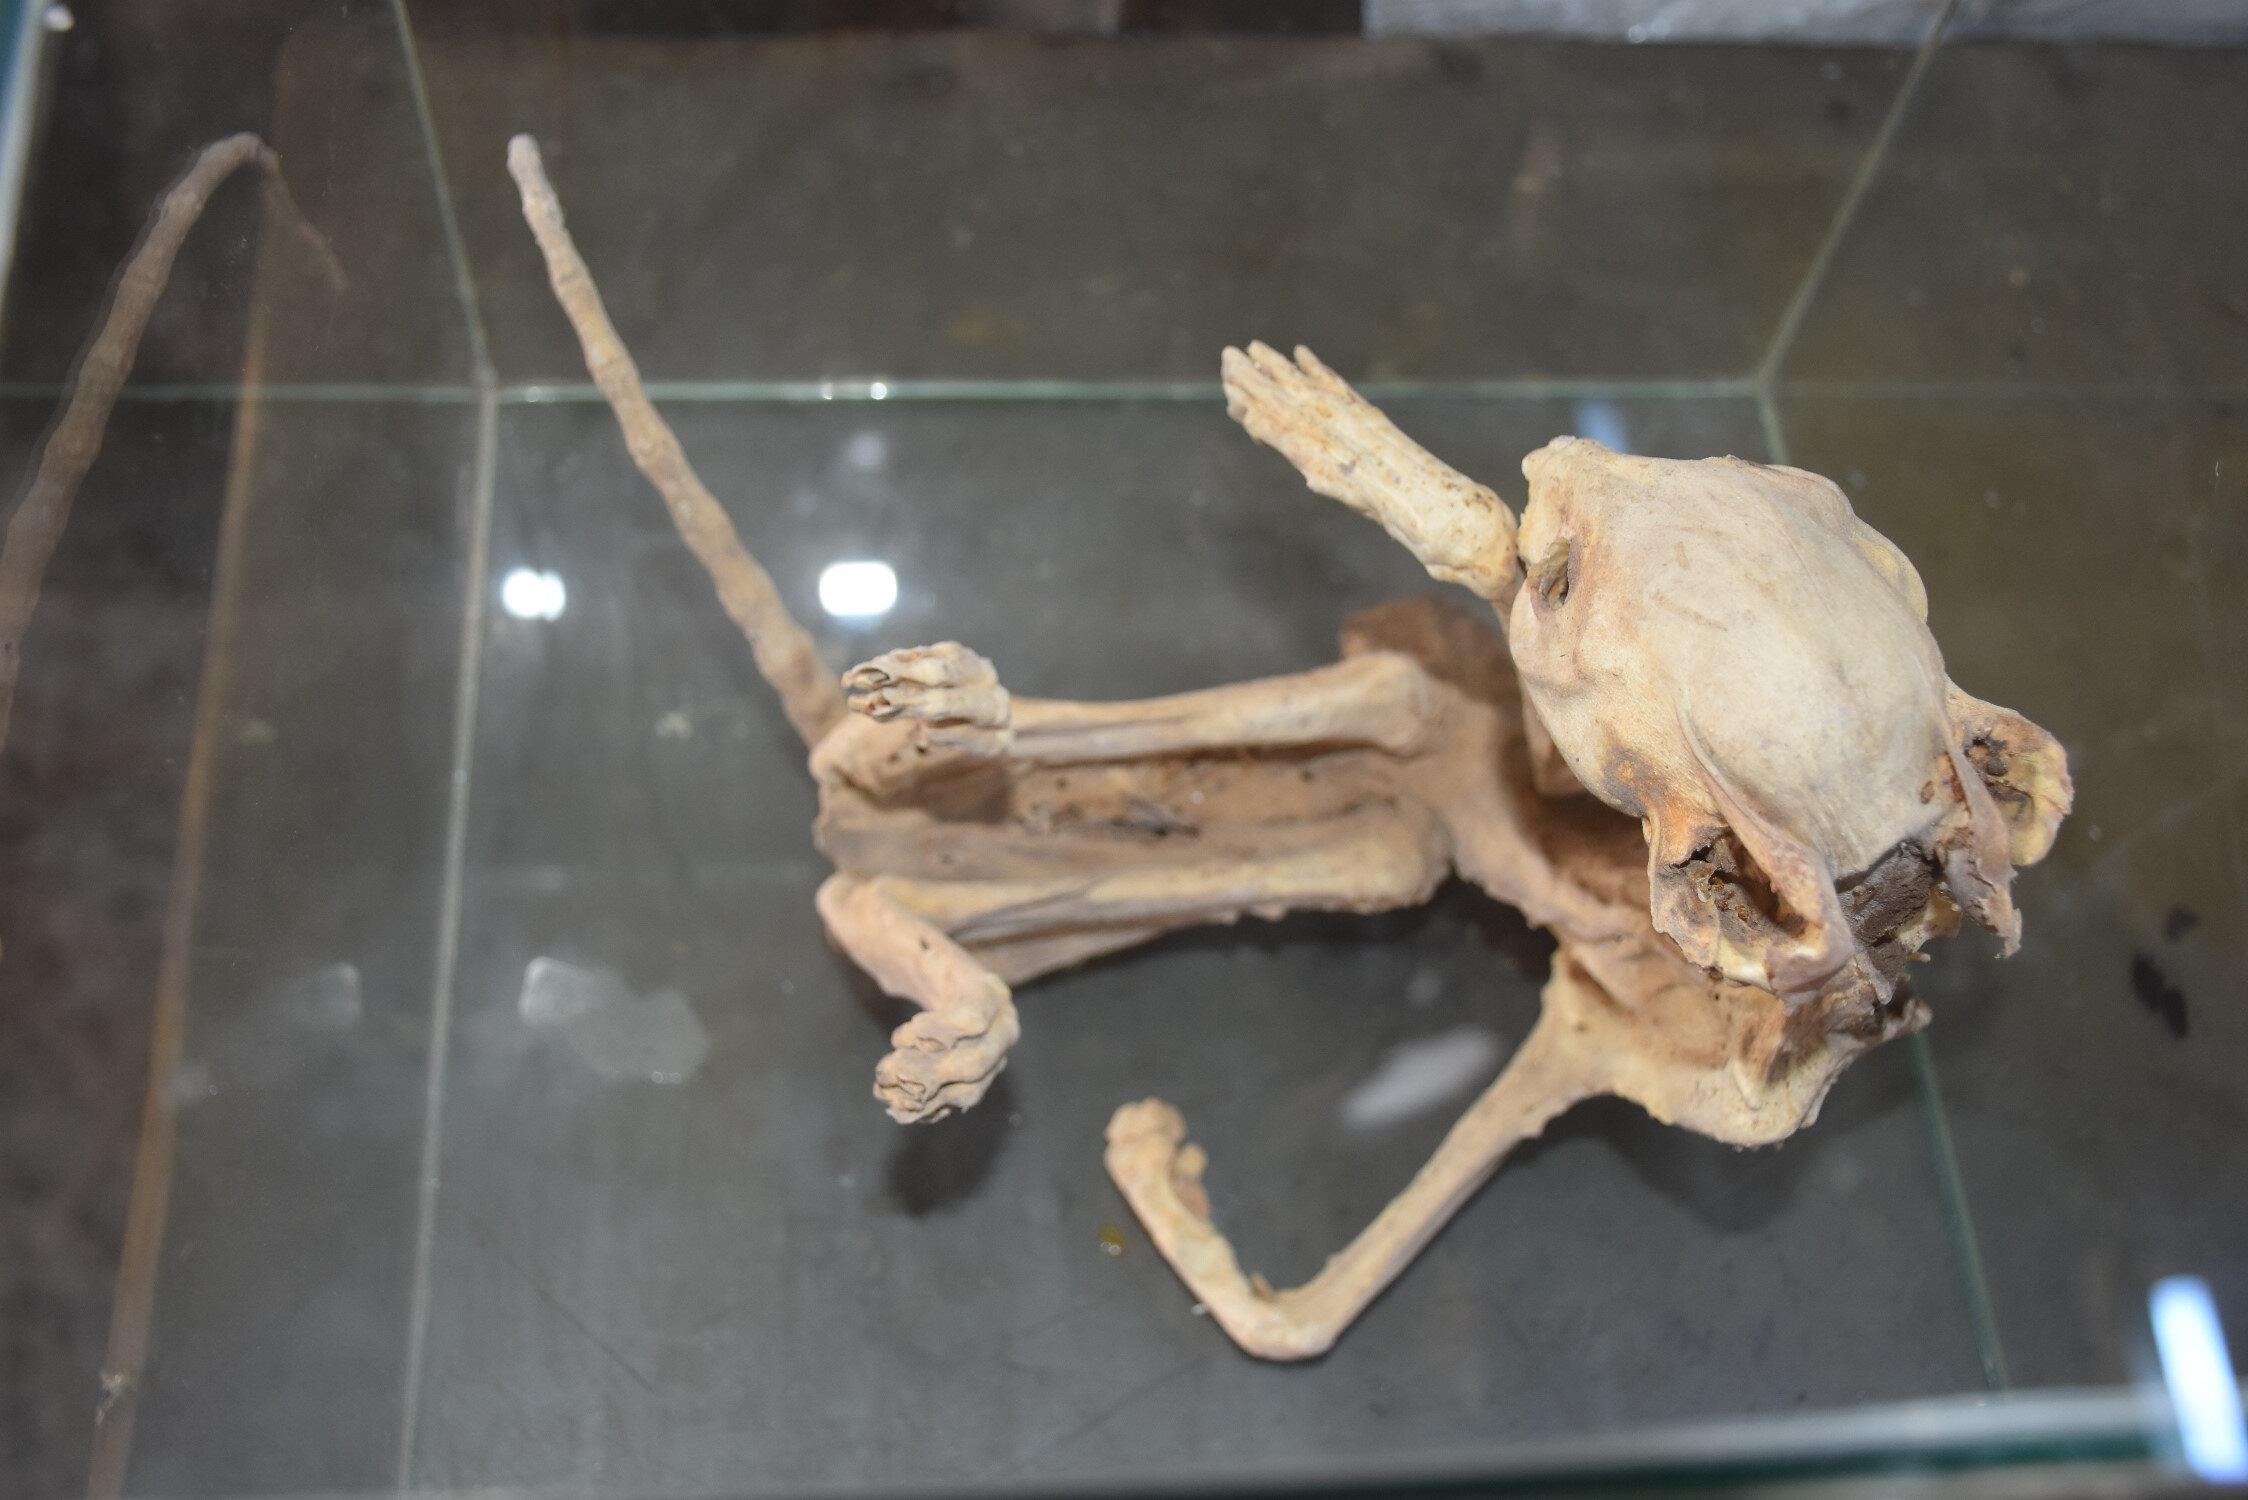 Bor ilçesinde anahtarcılık yapan Abdullah Öztürk, bir arkadaşının kayadan oyma kilerinde bulduğu, kuyruğu 45, bedeni ise 60 santimetre olan bir hayvan iskeletini ilginç olduğu için alıp, özel olarak yaptırdığı camekan içerisinde saklamaya başladı.